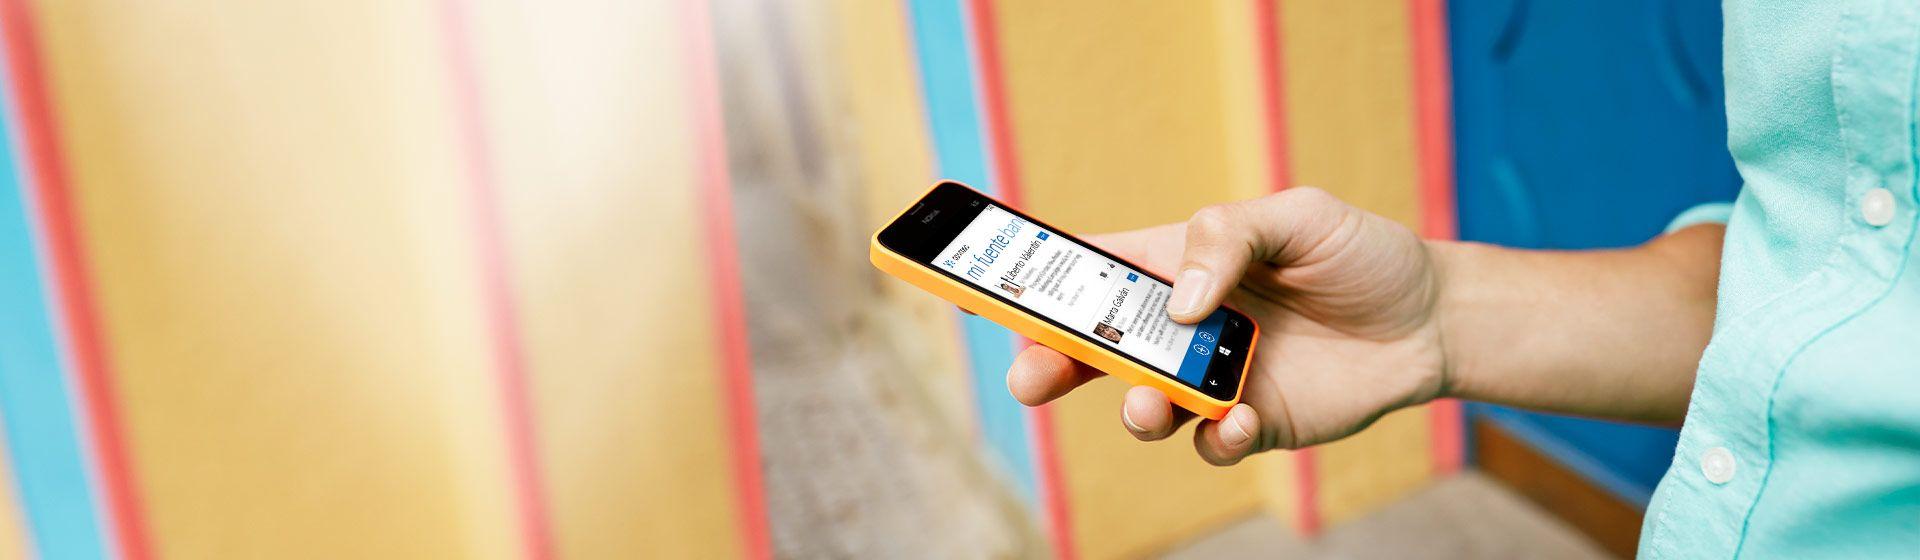 Una mano que sostiene un teléfono Windows donde se muestran las fuentes en la aplicación móvil de Yammer